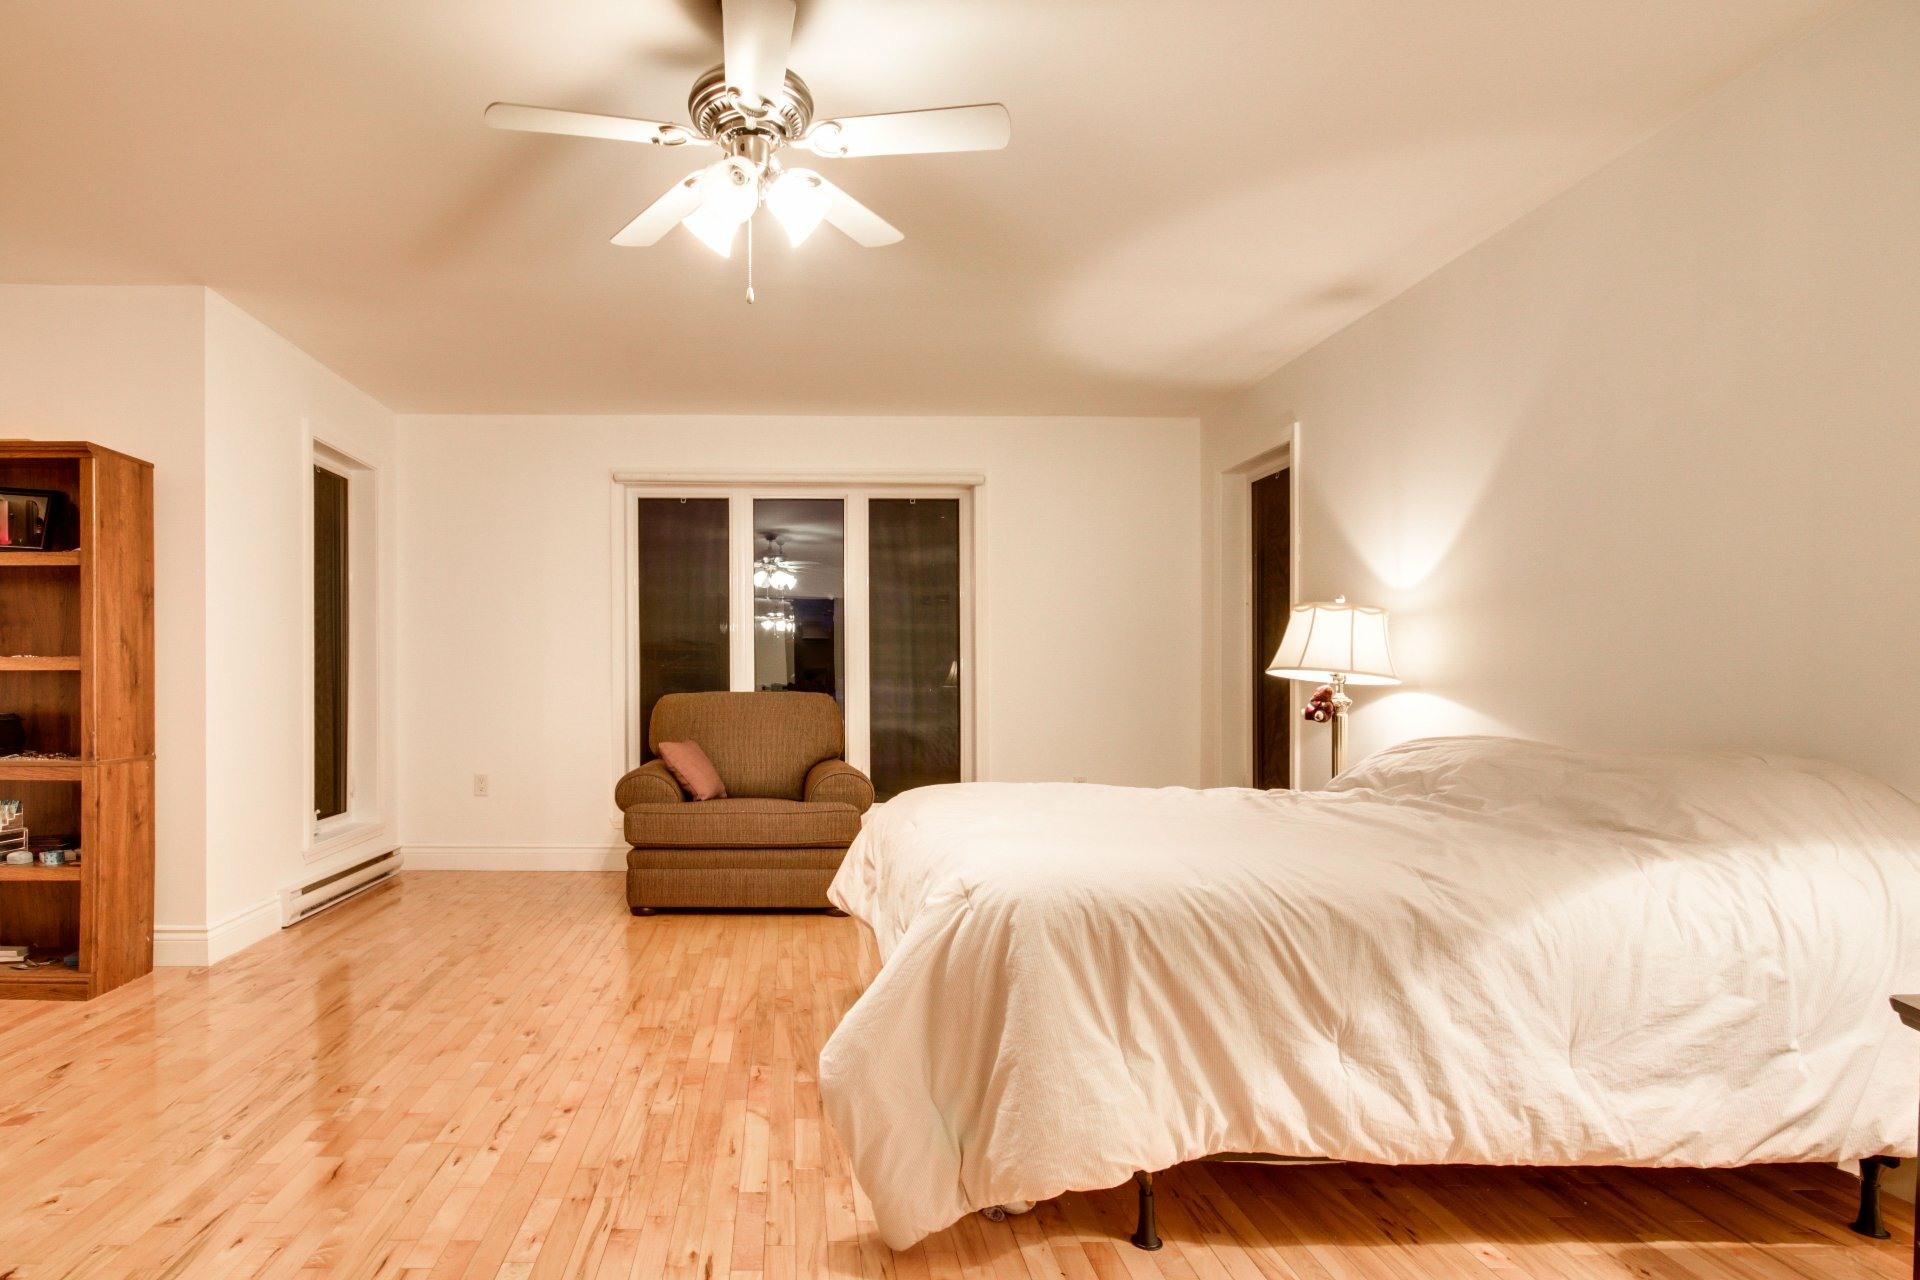 image 19 - House For sale Trois-Rivières